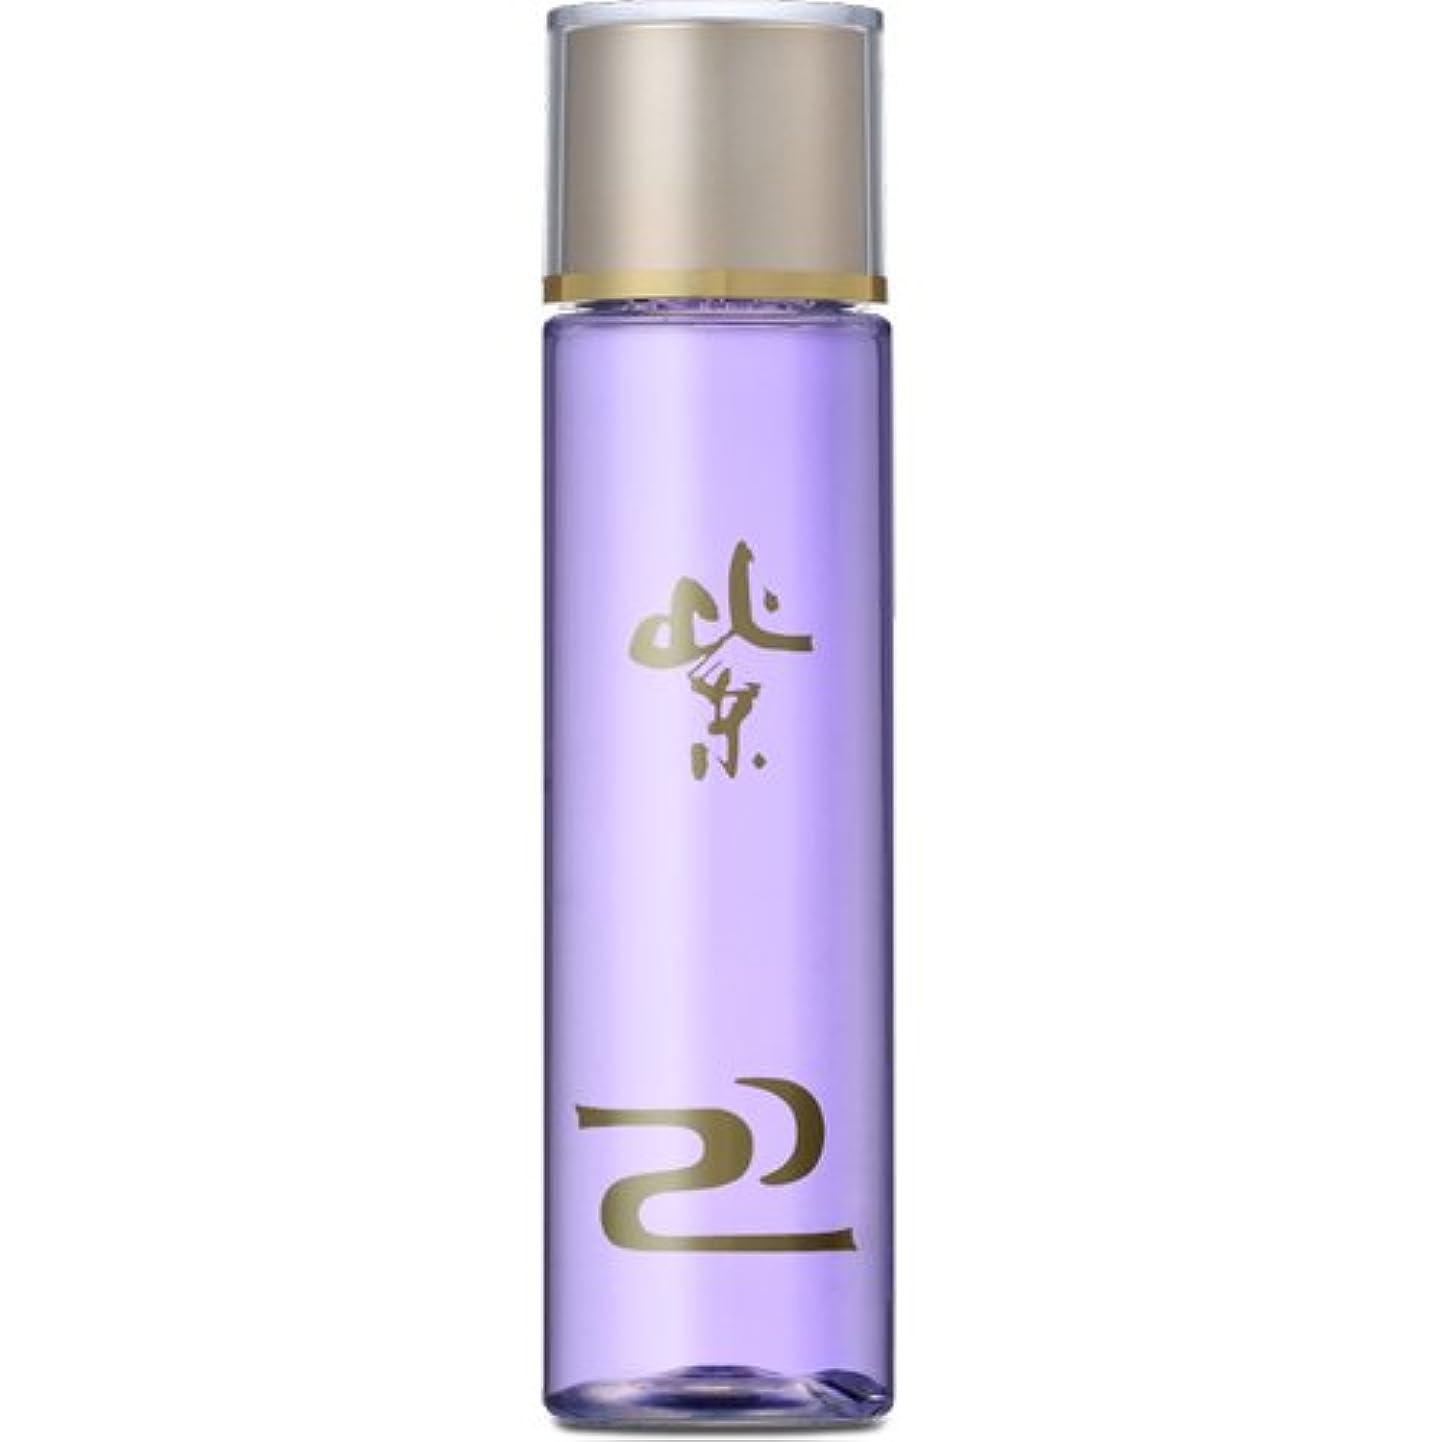 ホワイトリリー WL紫 120mL 化粧水